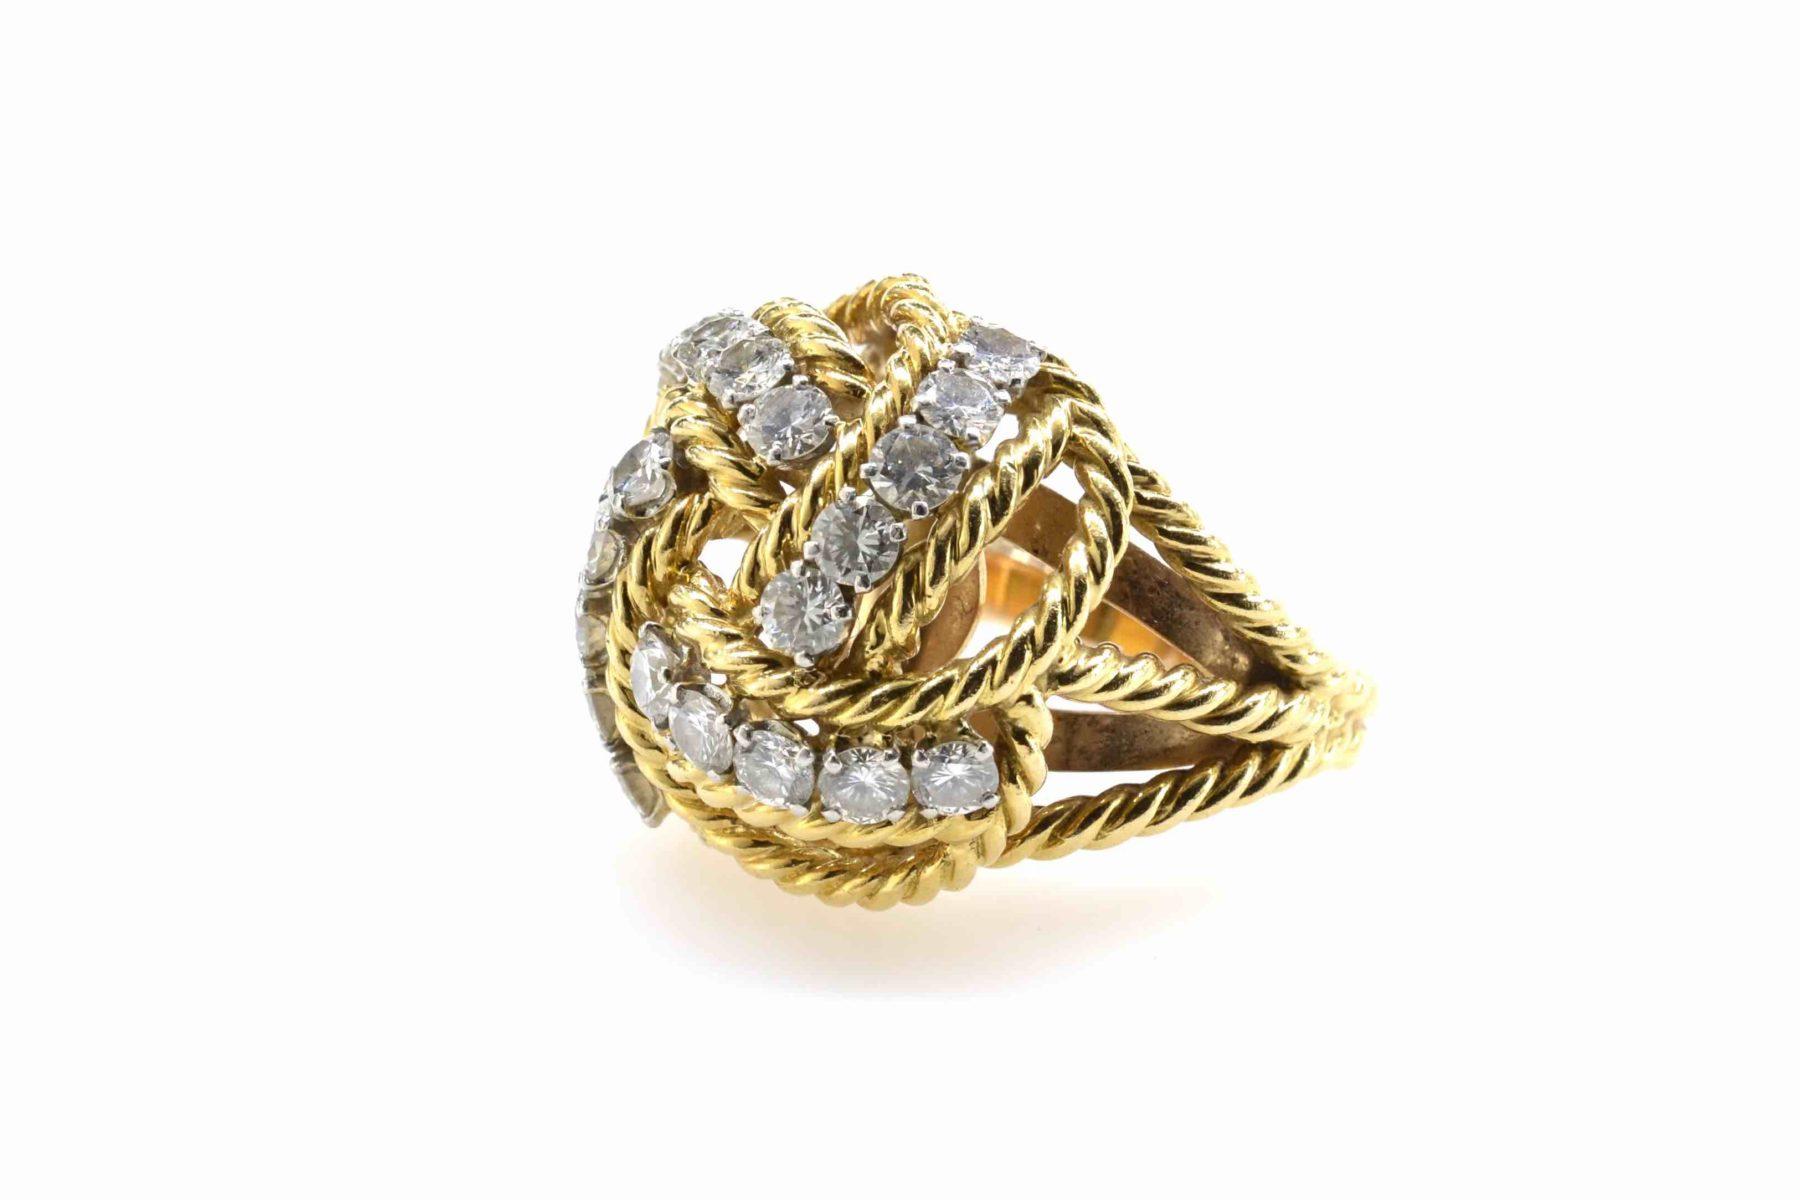 Bague Boucheron diamants 1950